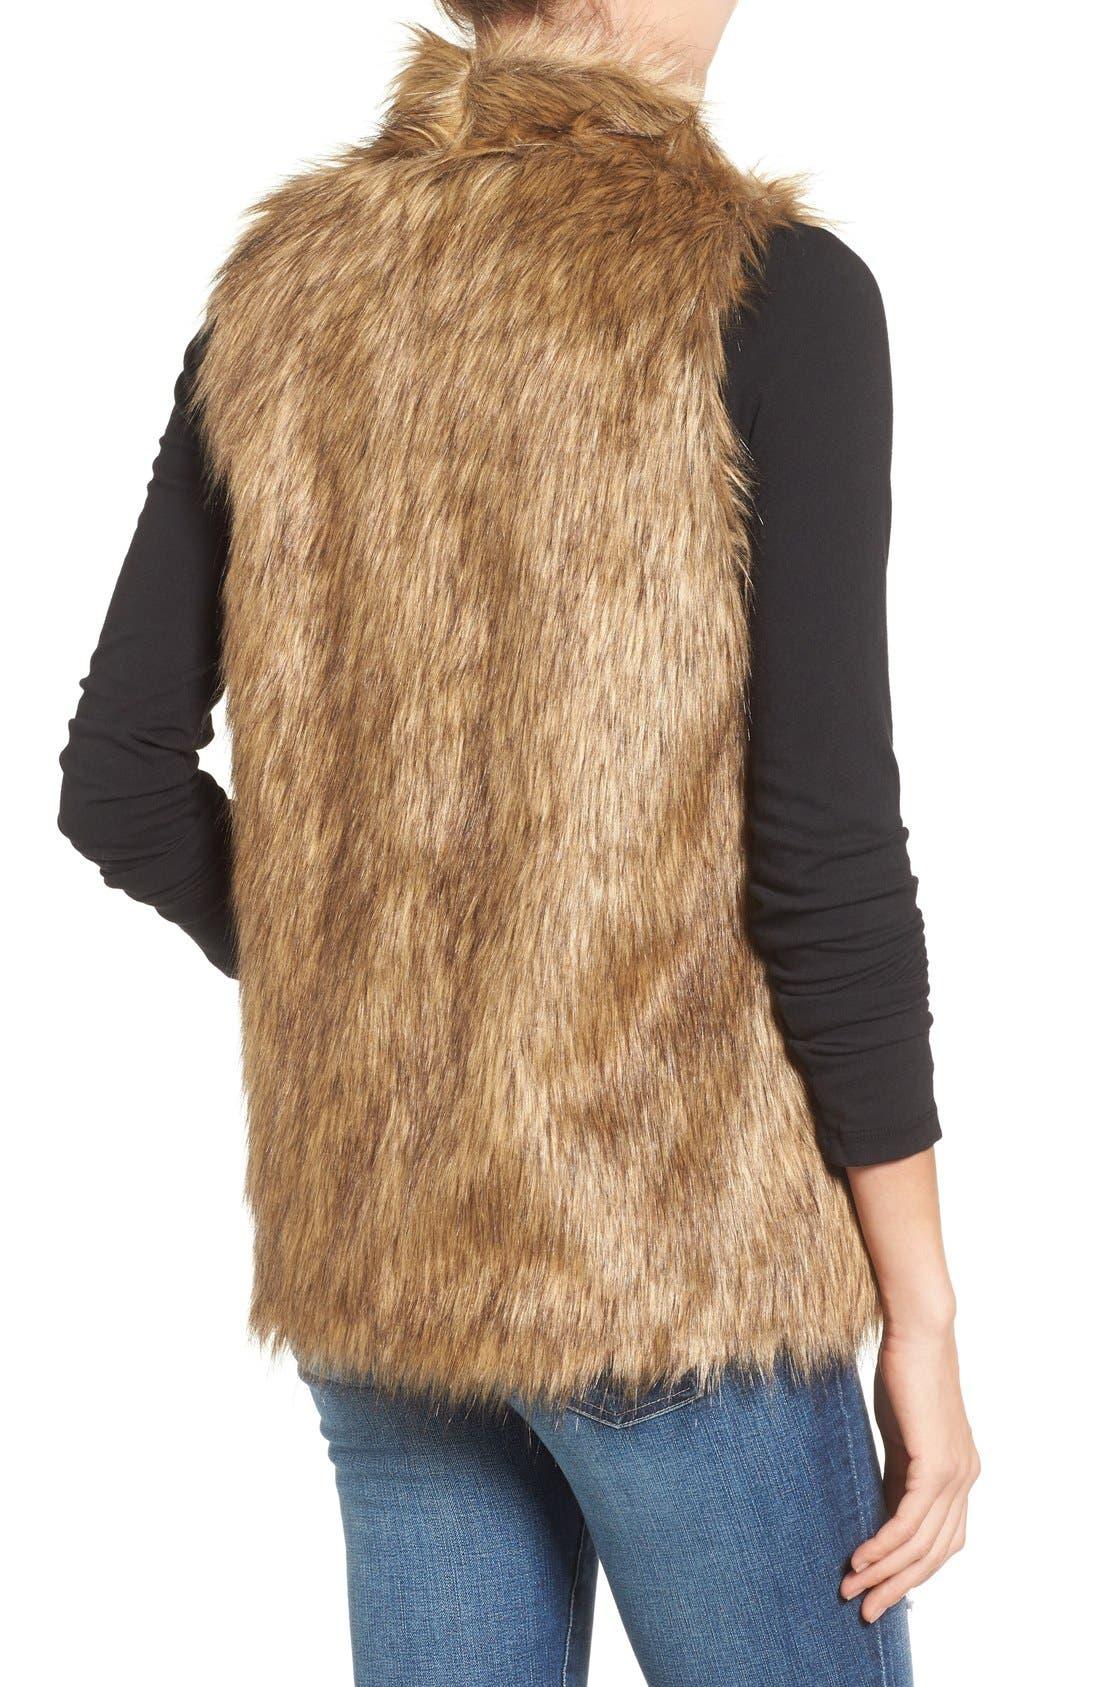 Faux Fur Vest,                             Alternate thumbnail 2, color,                             Tan Brown Faux Fur